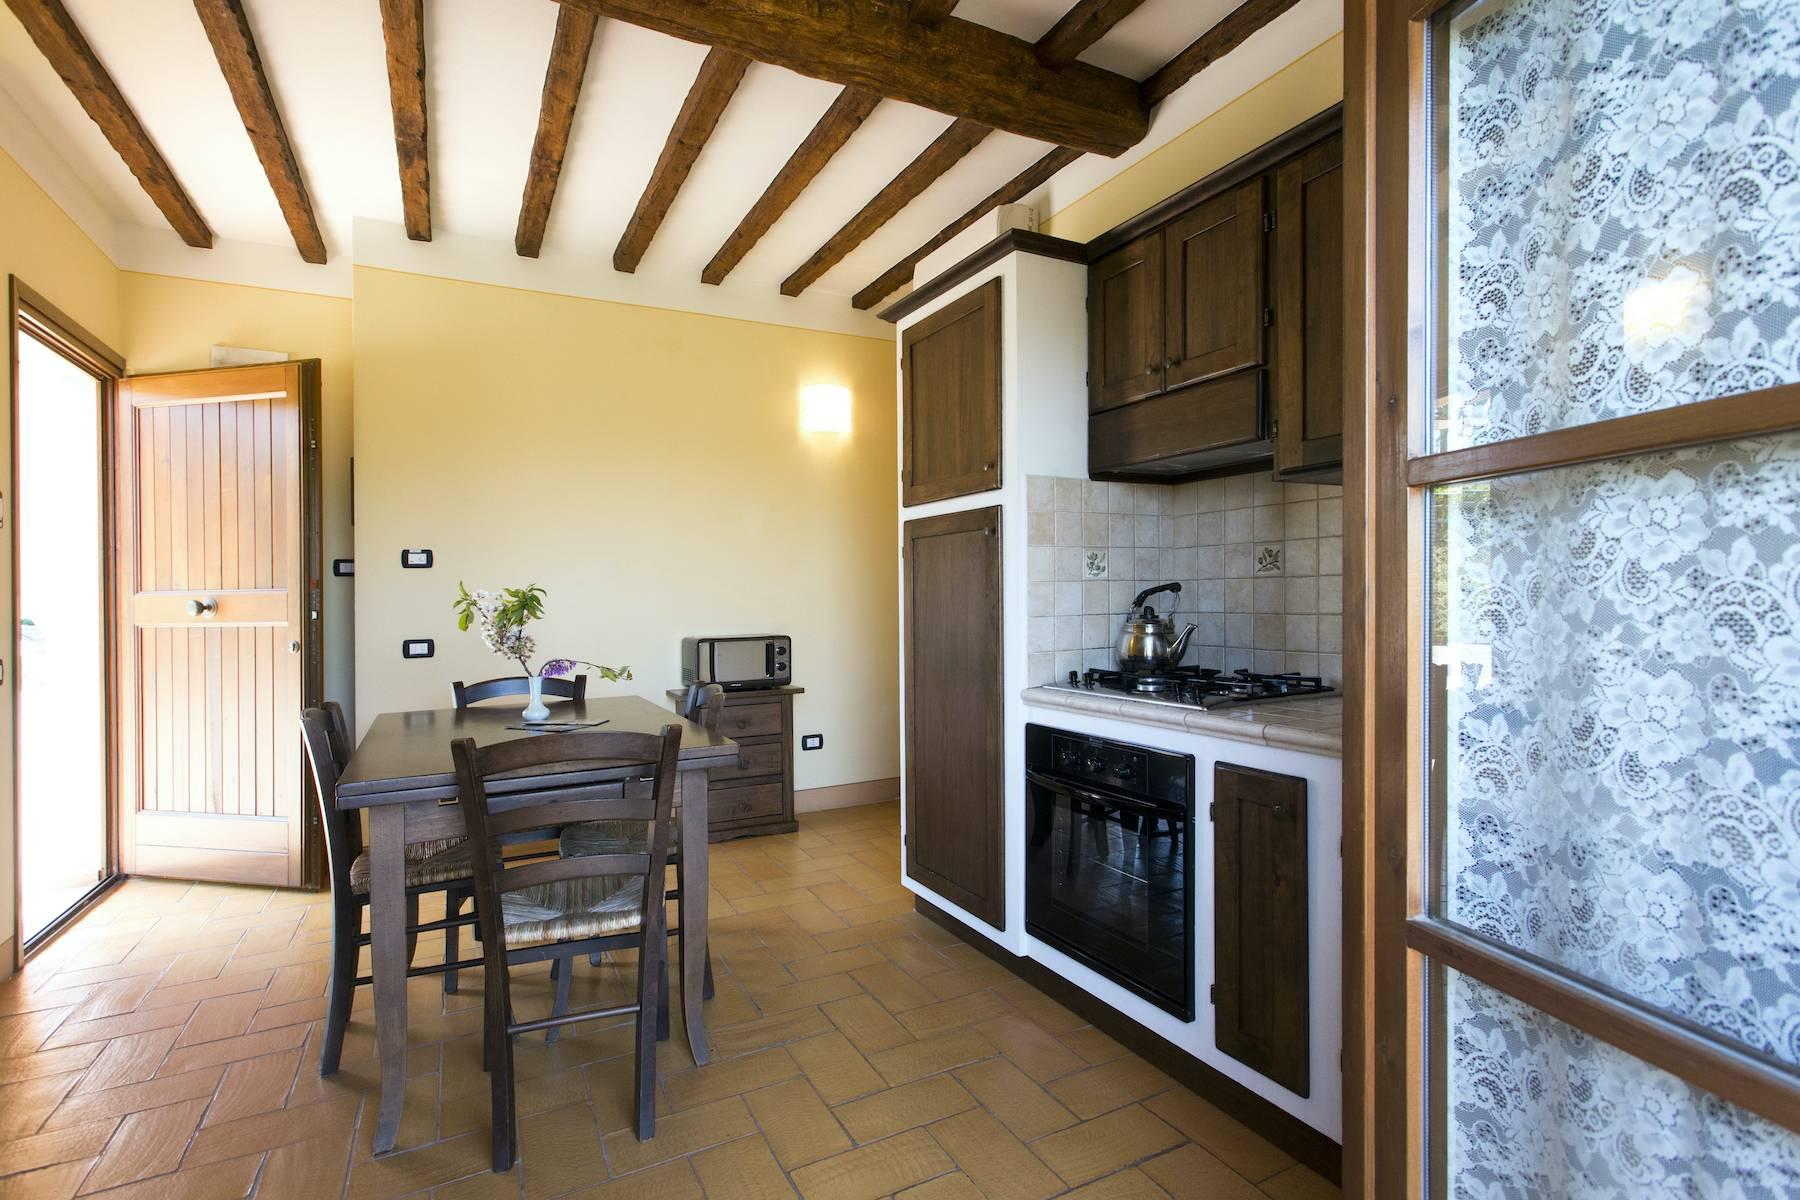 Rustico in Vendita a Montepulciano: 5 locali, 478 mq - Foto 8